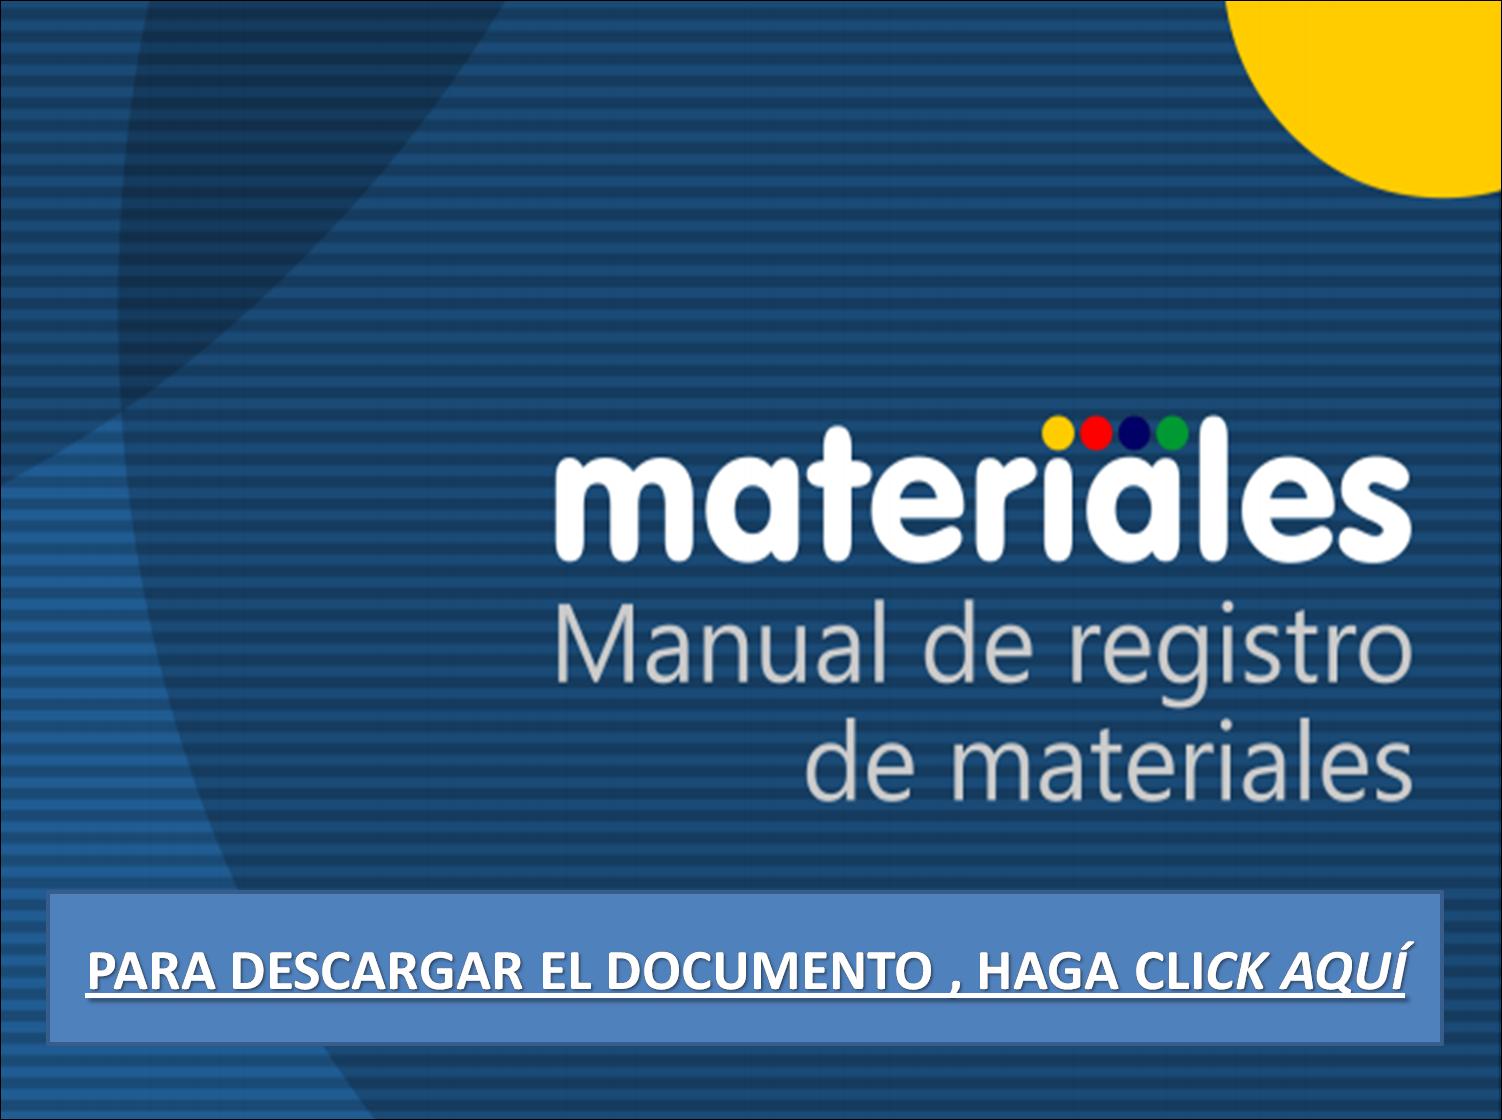 MANUAL DE REGISTRO DE MATERIALES